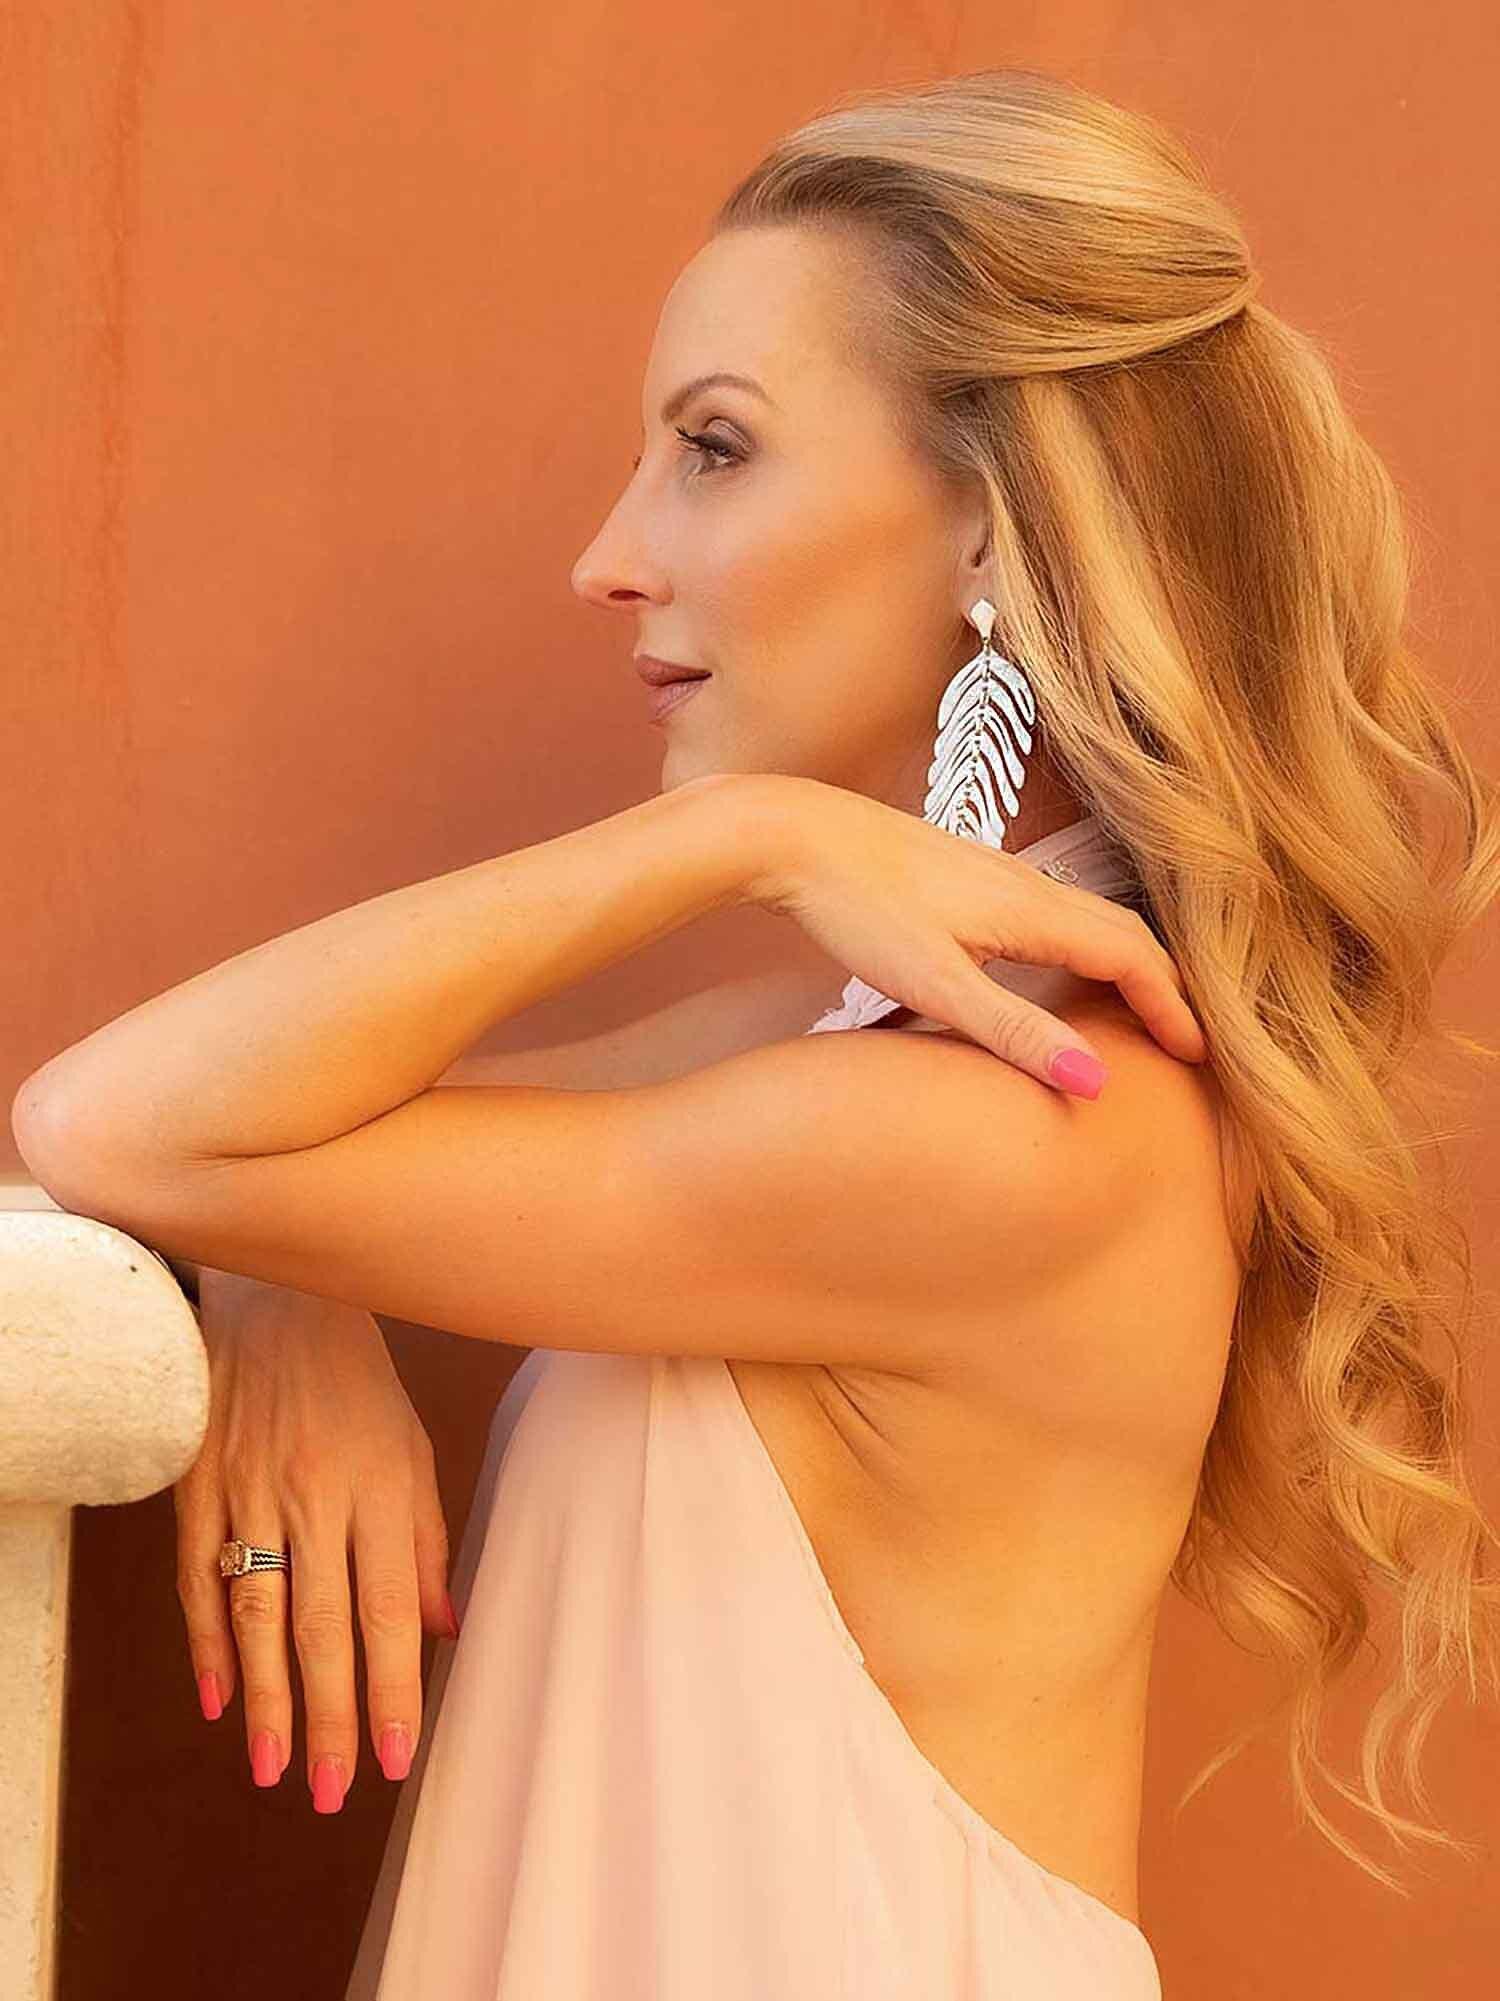 Fitness blogger Eve Dawes dewy fresh spring makeup pink dress